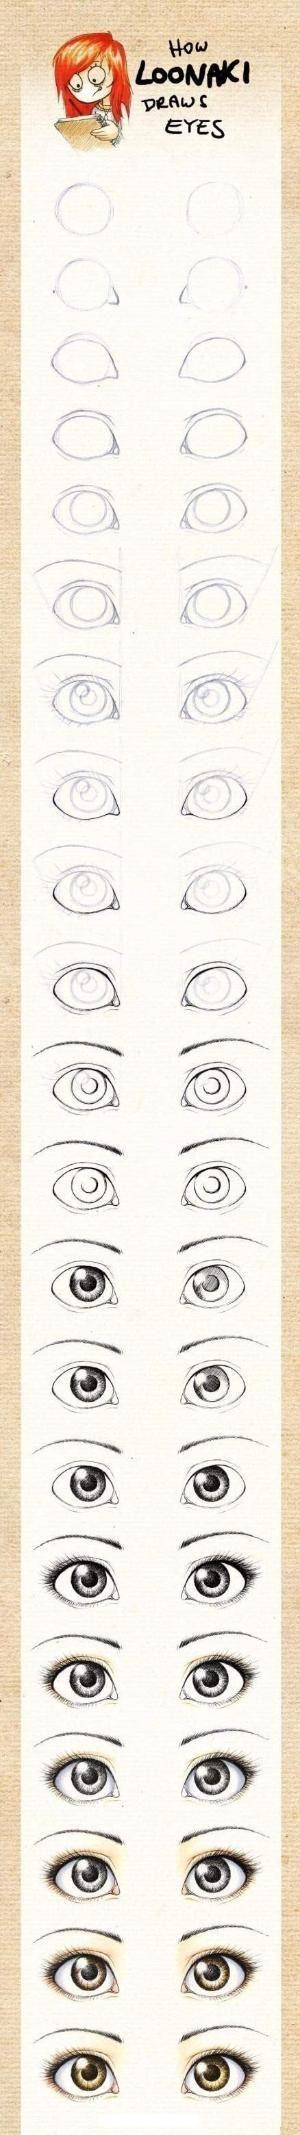 Cómo dibujar los ojos por JadeMonroe                              …